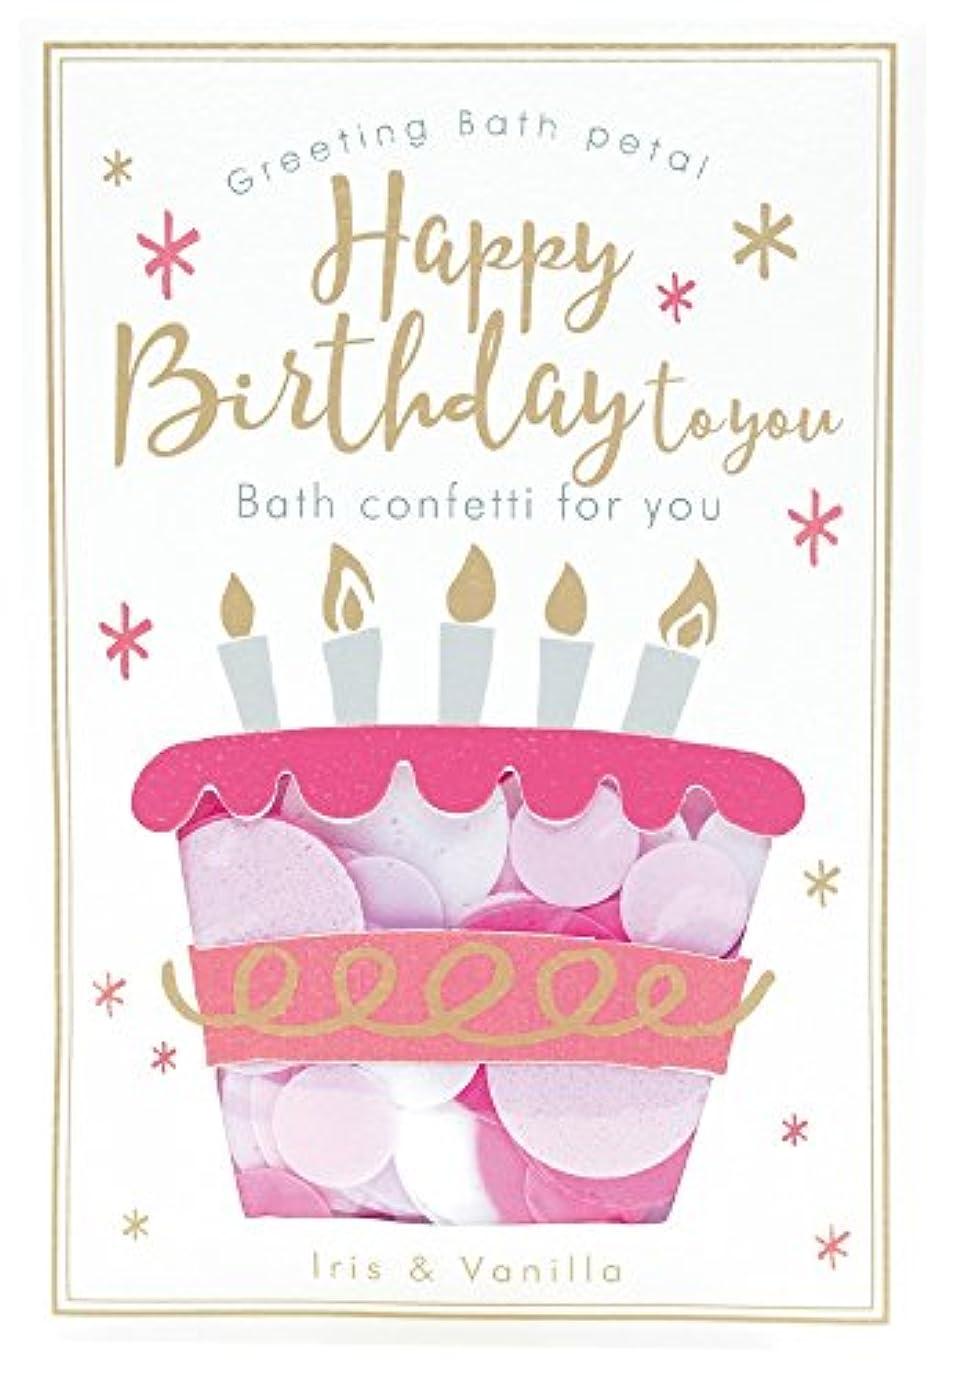 根拠法廷地平線ノルコーポレーション 入浴剤 バスペタル グリーティングバスペタル Happy Bierthday to you 12g アイリス & バニラの香り OB-GTP-1-3